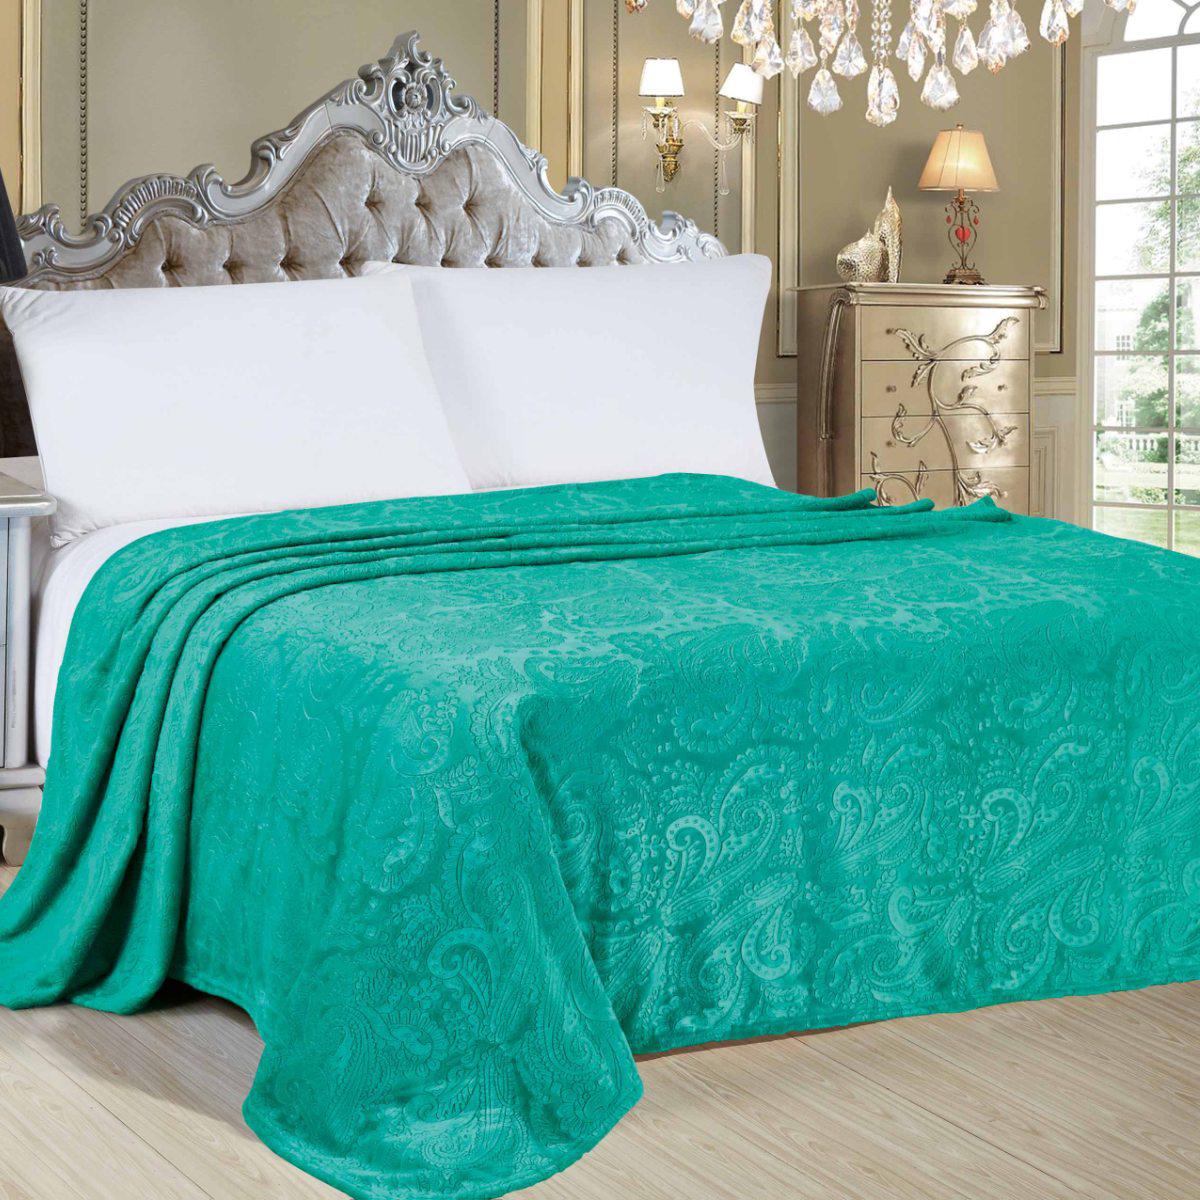 Плед Letto Велсофт, цвет: зеленый, 175 х 200 см. V144-4